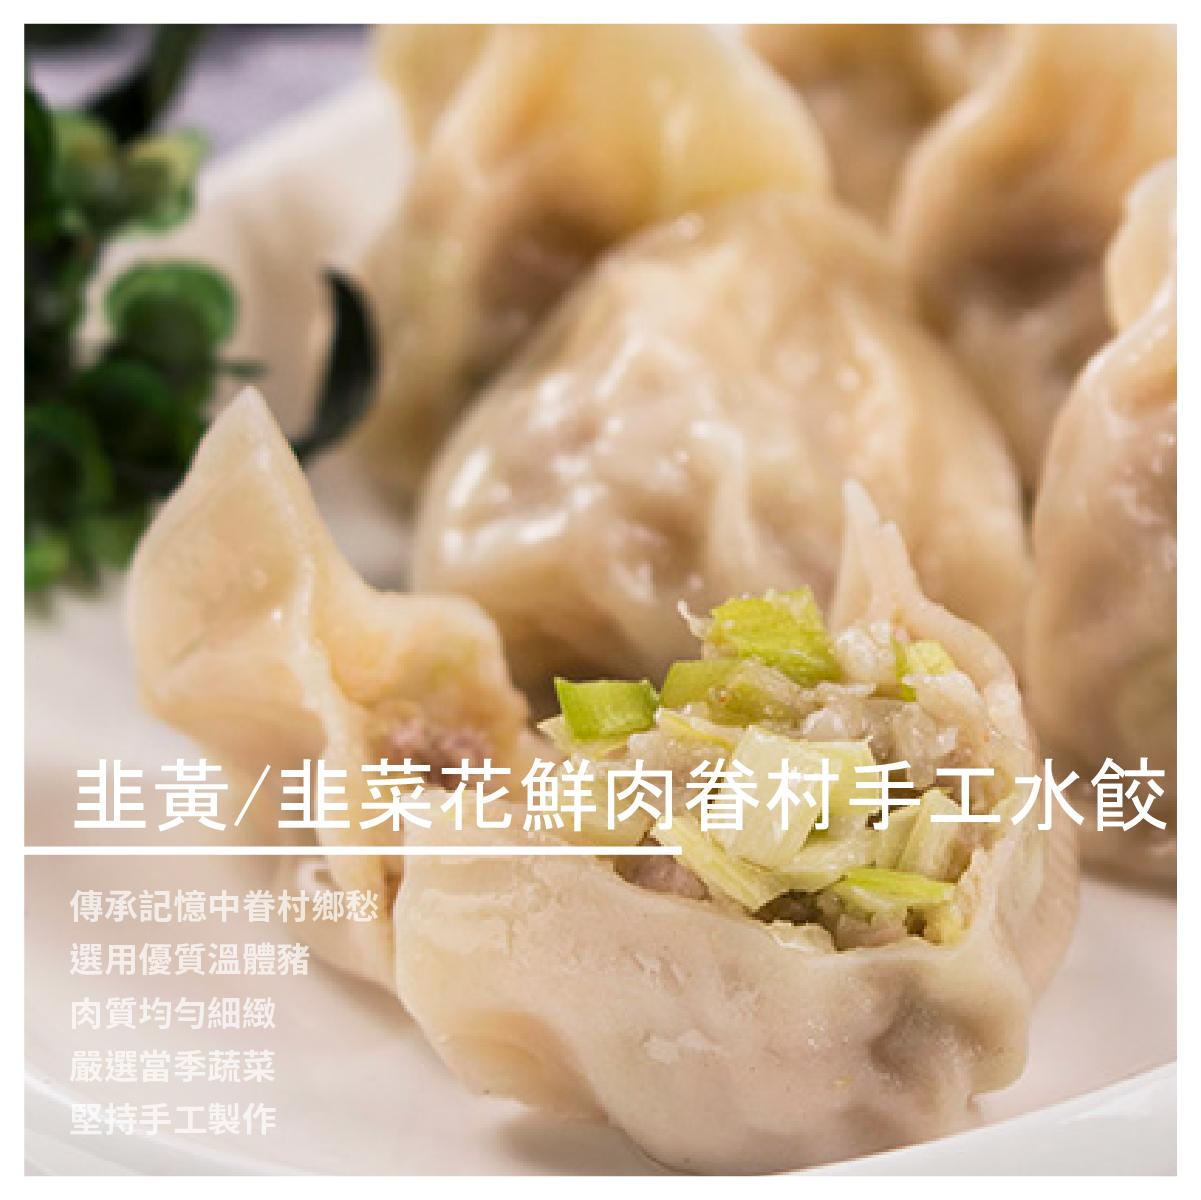 【阿琴の水餃】韭黃/韭菜花 鮮肉 眷村手工水餃